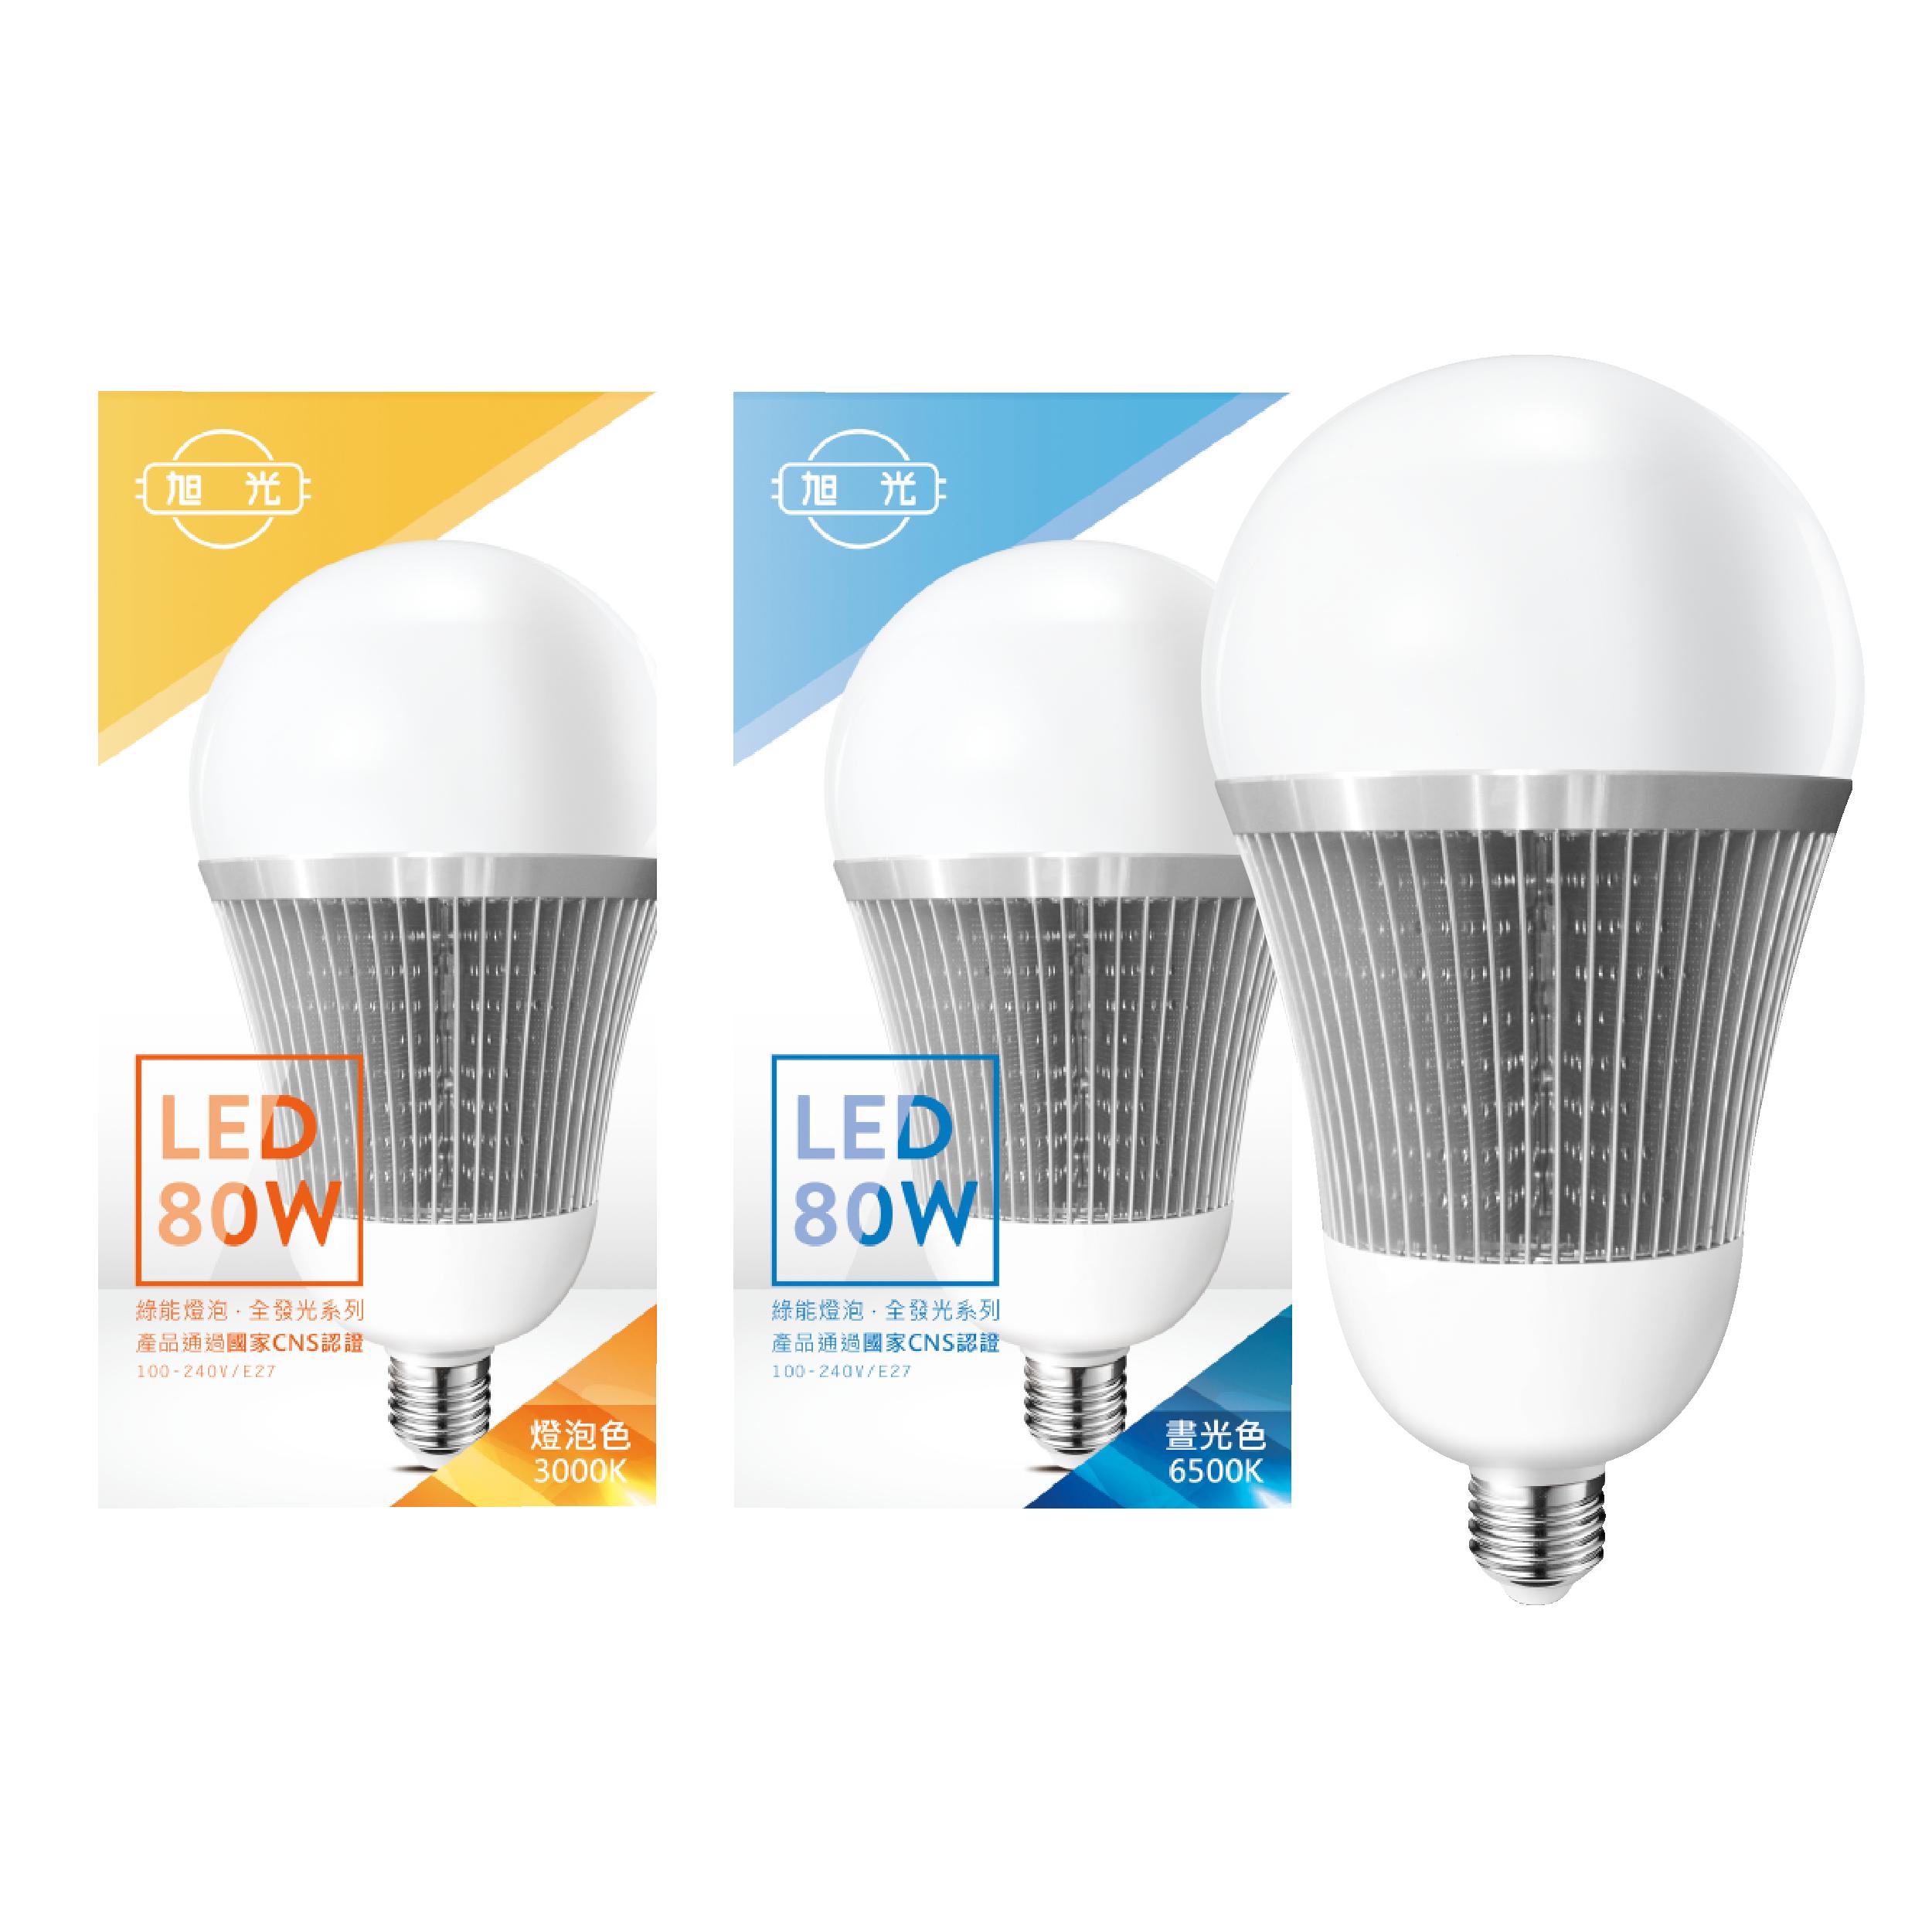 【燈飾大盤商】旭光 LED 大瓦數燈泡 50w 65w 80w 白光 黃光